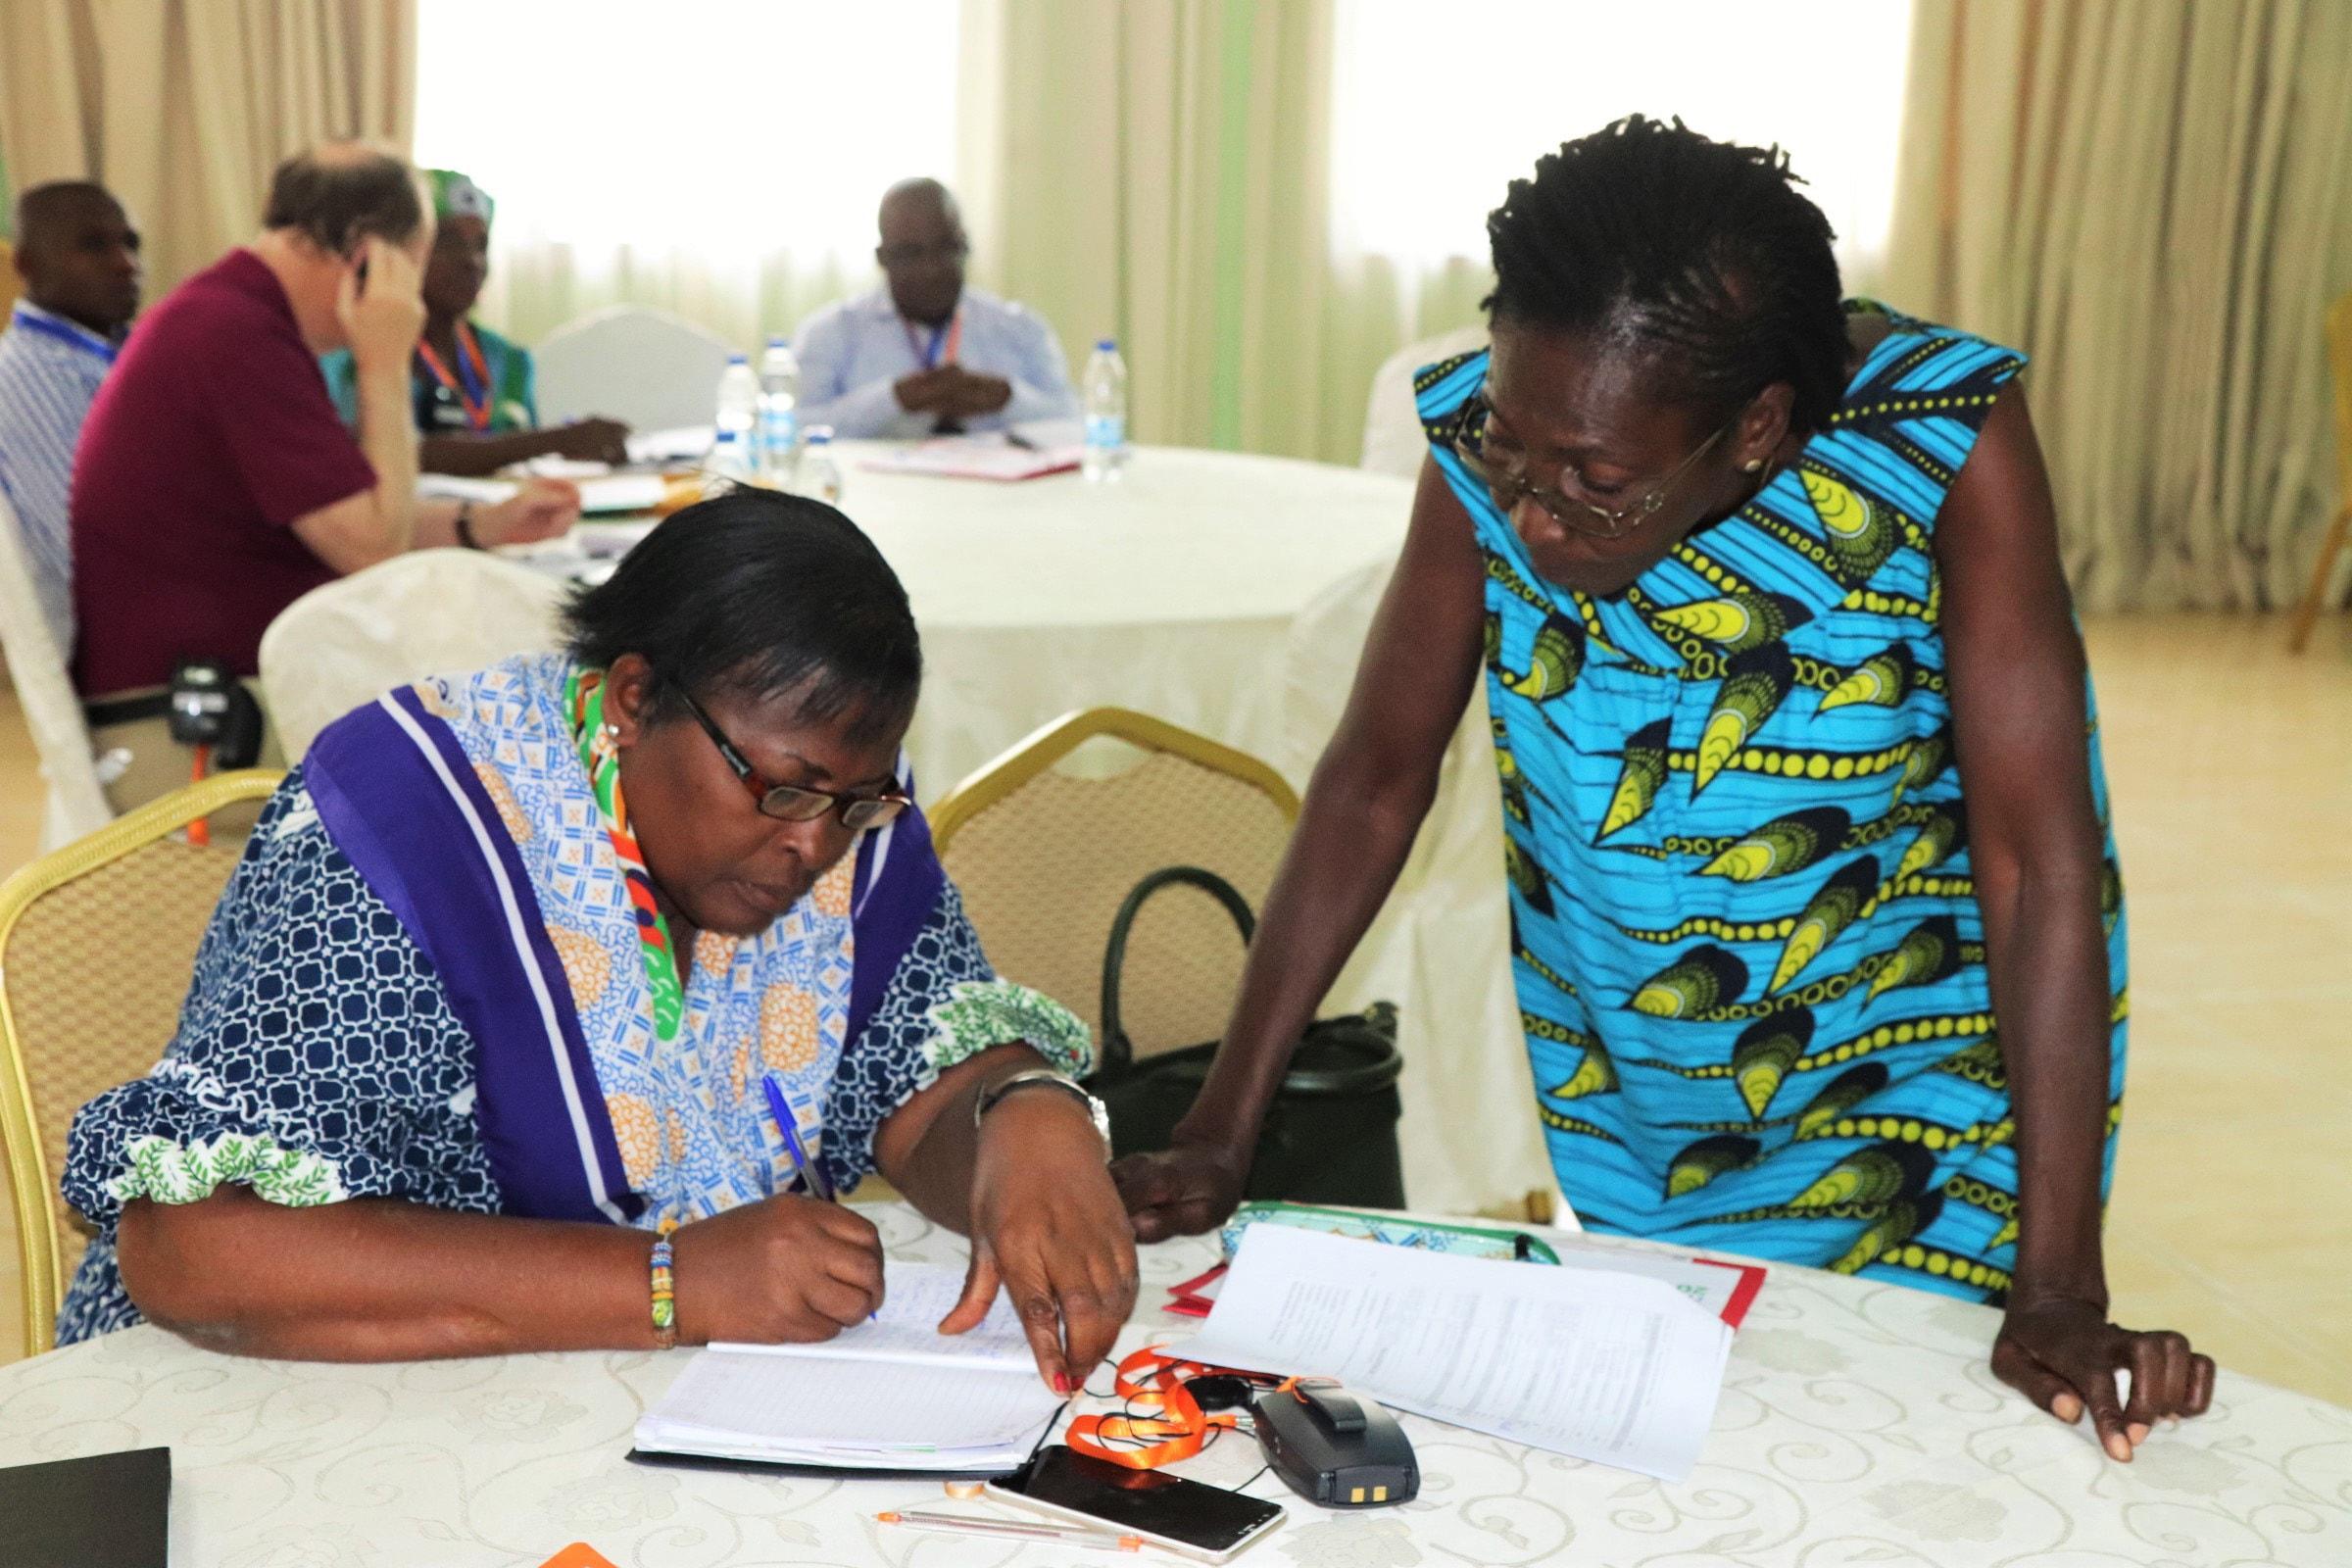 Jeanne Samecken (à gauche), membre du conseil de santé de Côte d'Ivoire, avec Maman Dorothée Kongo, qui a parlé au sommet de l'isolement qu'elle a subi après avoir révélé sa séropositivité. Aujourd'hui leader d'église évangélique, elle témoigne ouvertement de la discrimination à l'égard des personnes vivant avec le VIH/SIDA. Photo de Isaac Broune, UMNS.